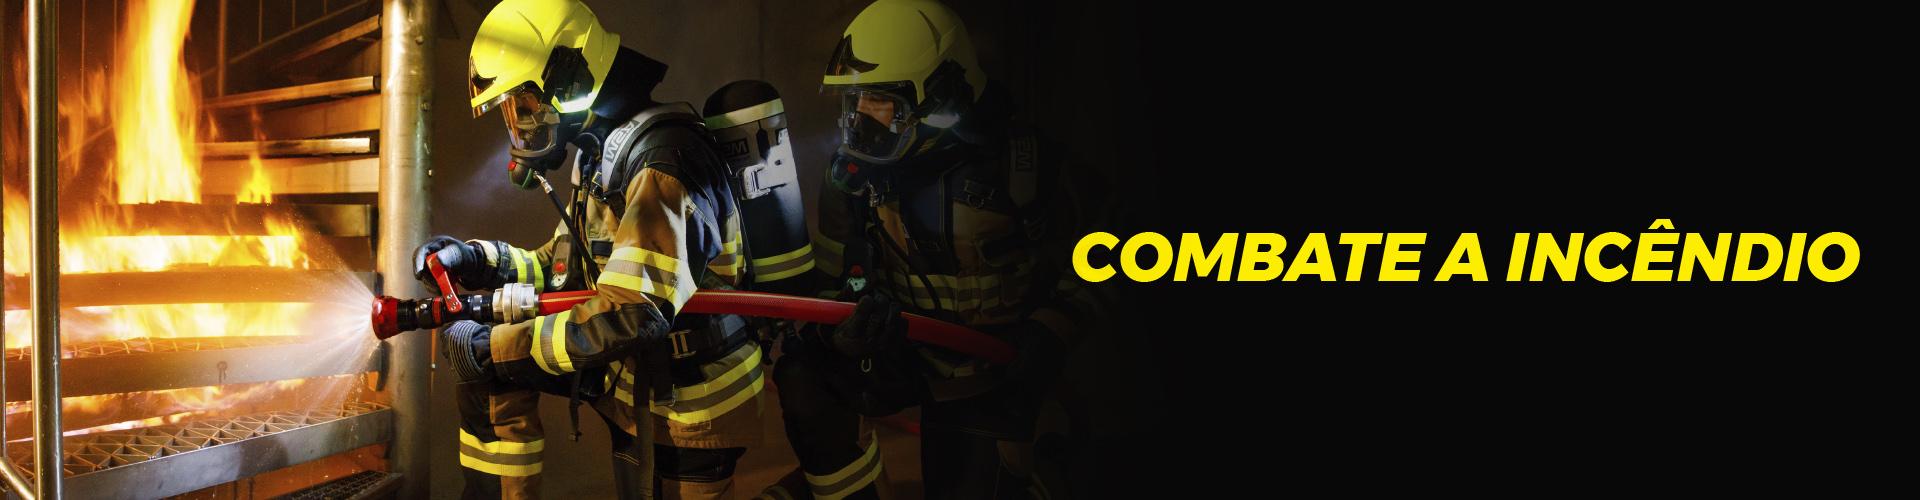 Full - Combate a incendio